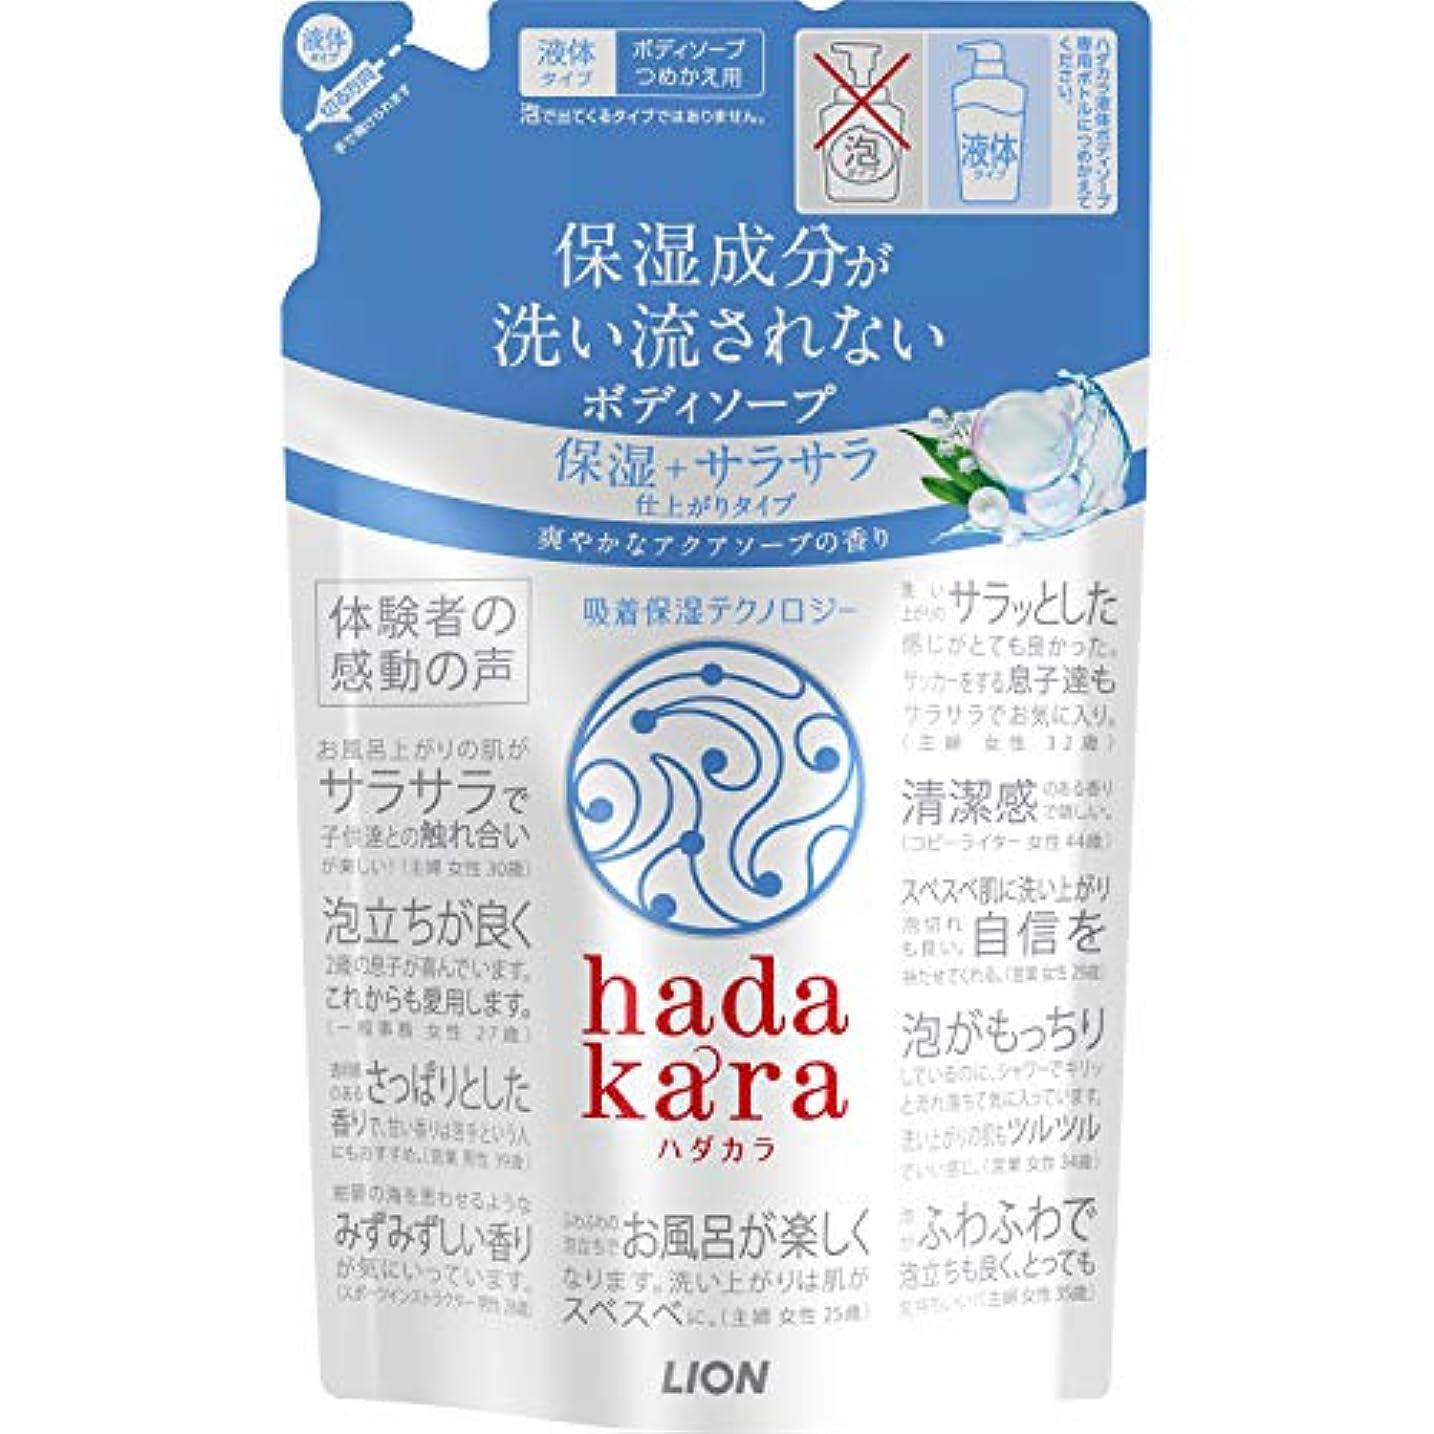 成り立つハシー不安hadakara(ハダカラ) ボディソープ 保湿+サラサラ仕上がりタイプ アクアソープの香り 詰め替え 340ml